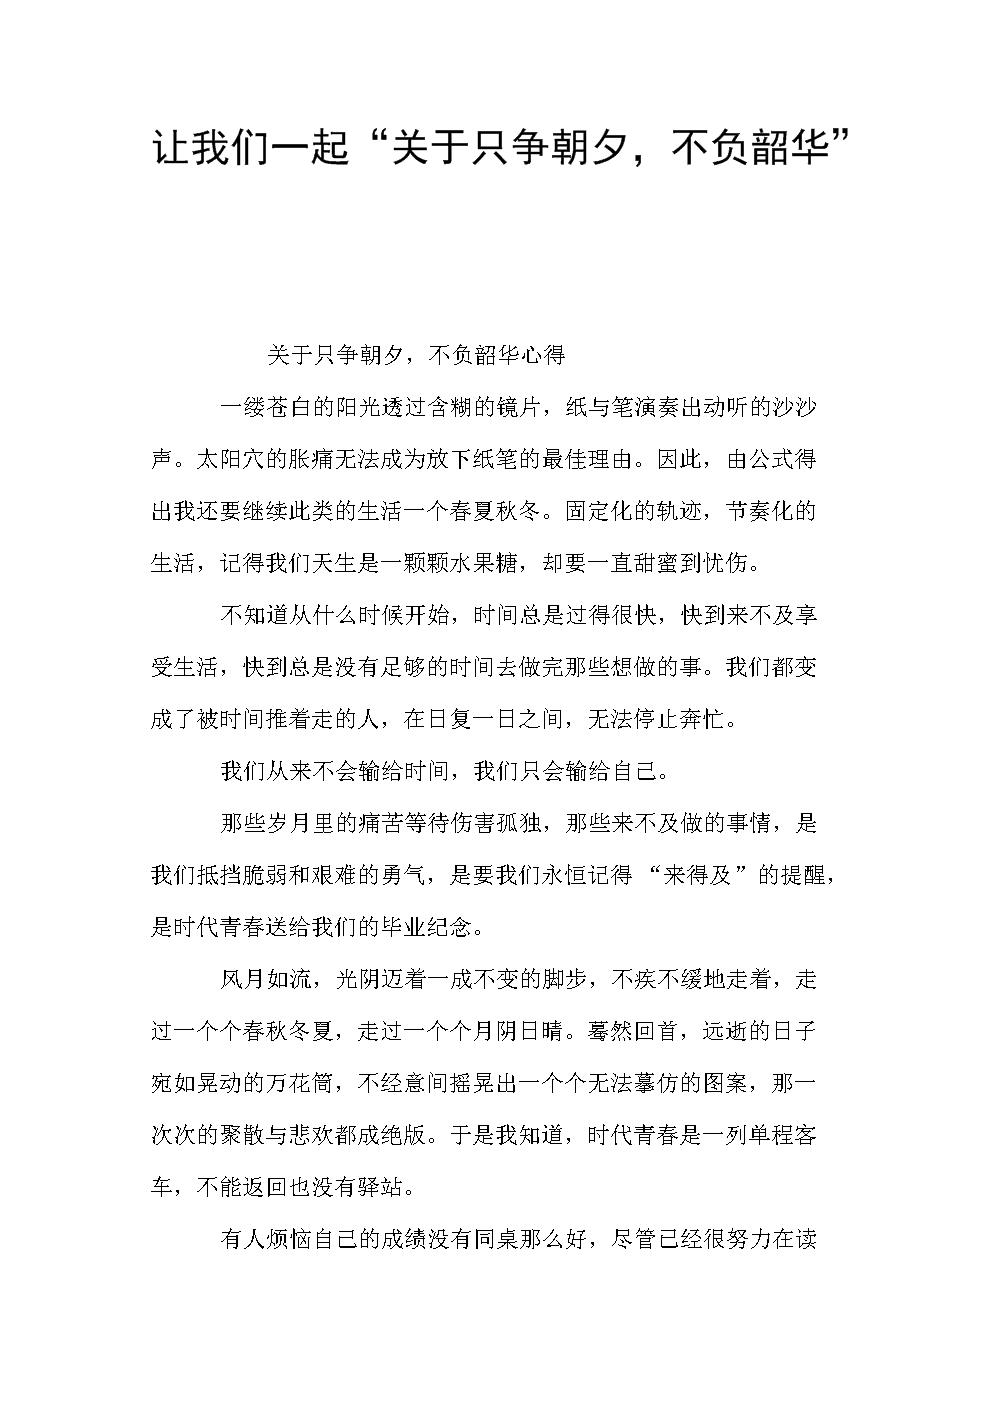 """让我们一起""""关于只争朝夕,不负韶华"""".doc"""